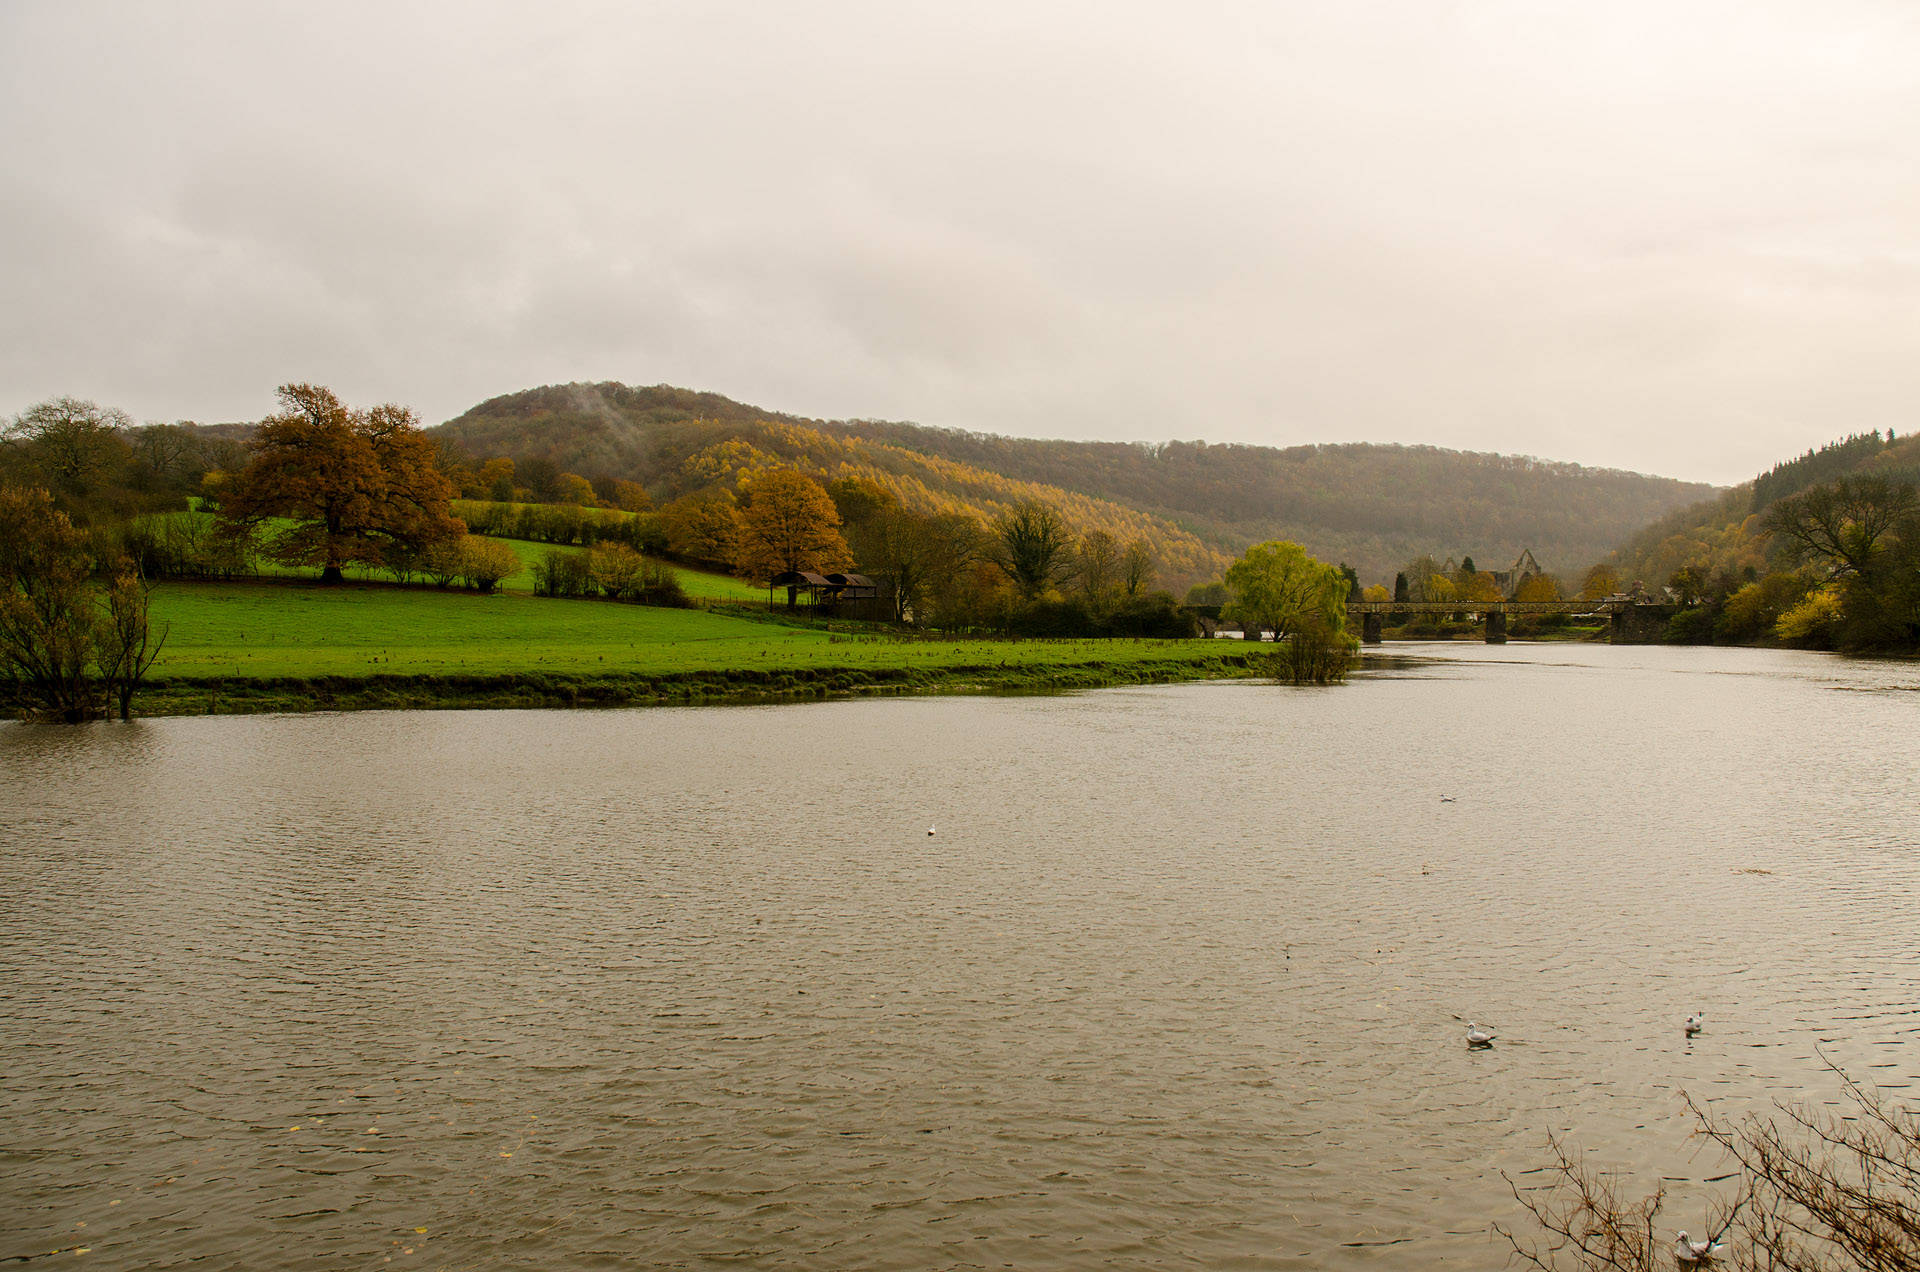 Wye River Valley